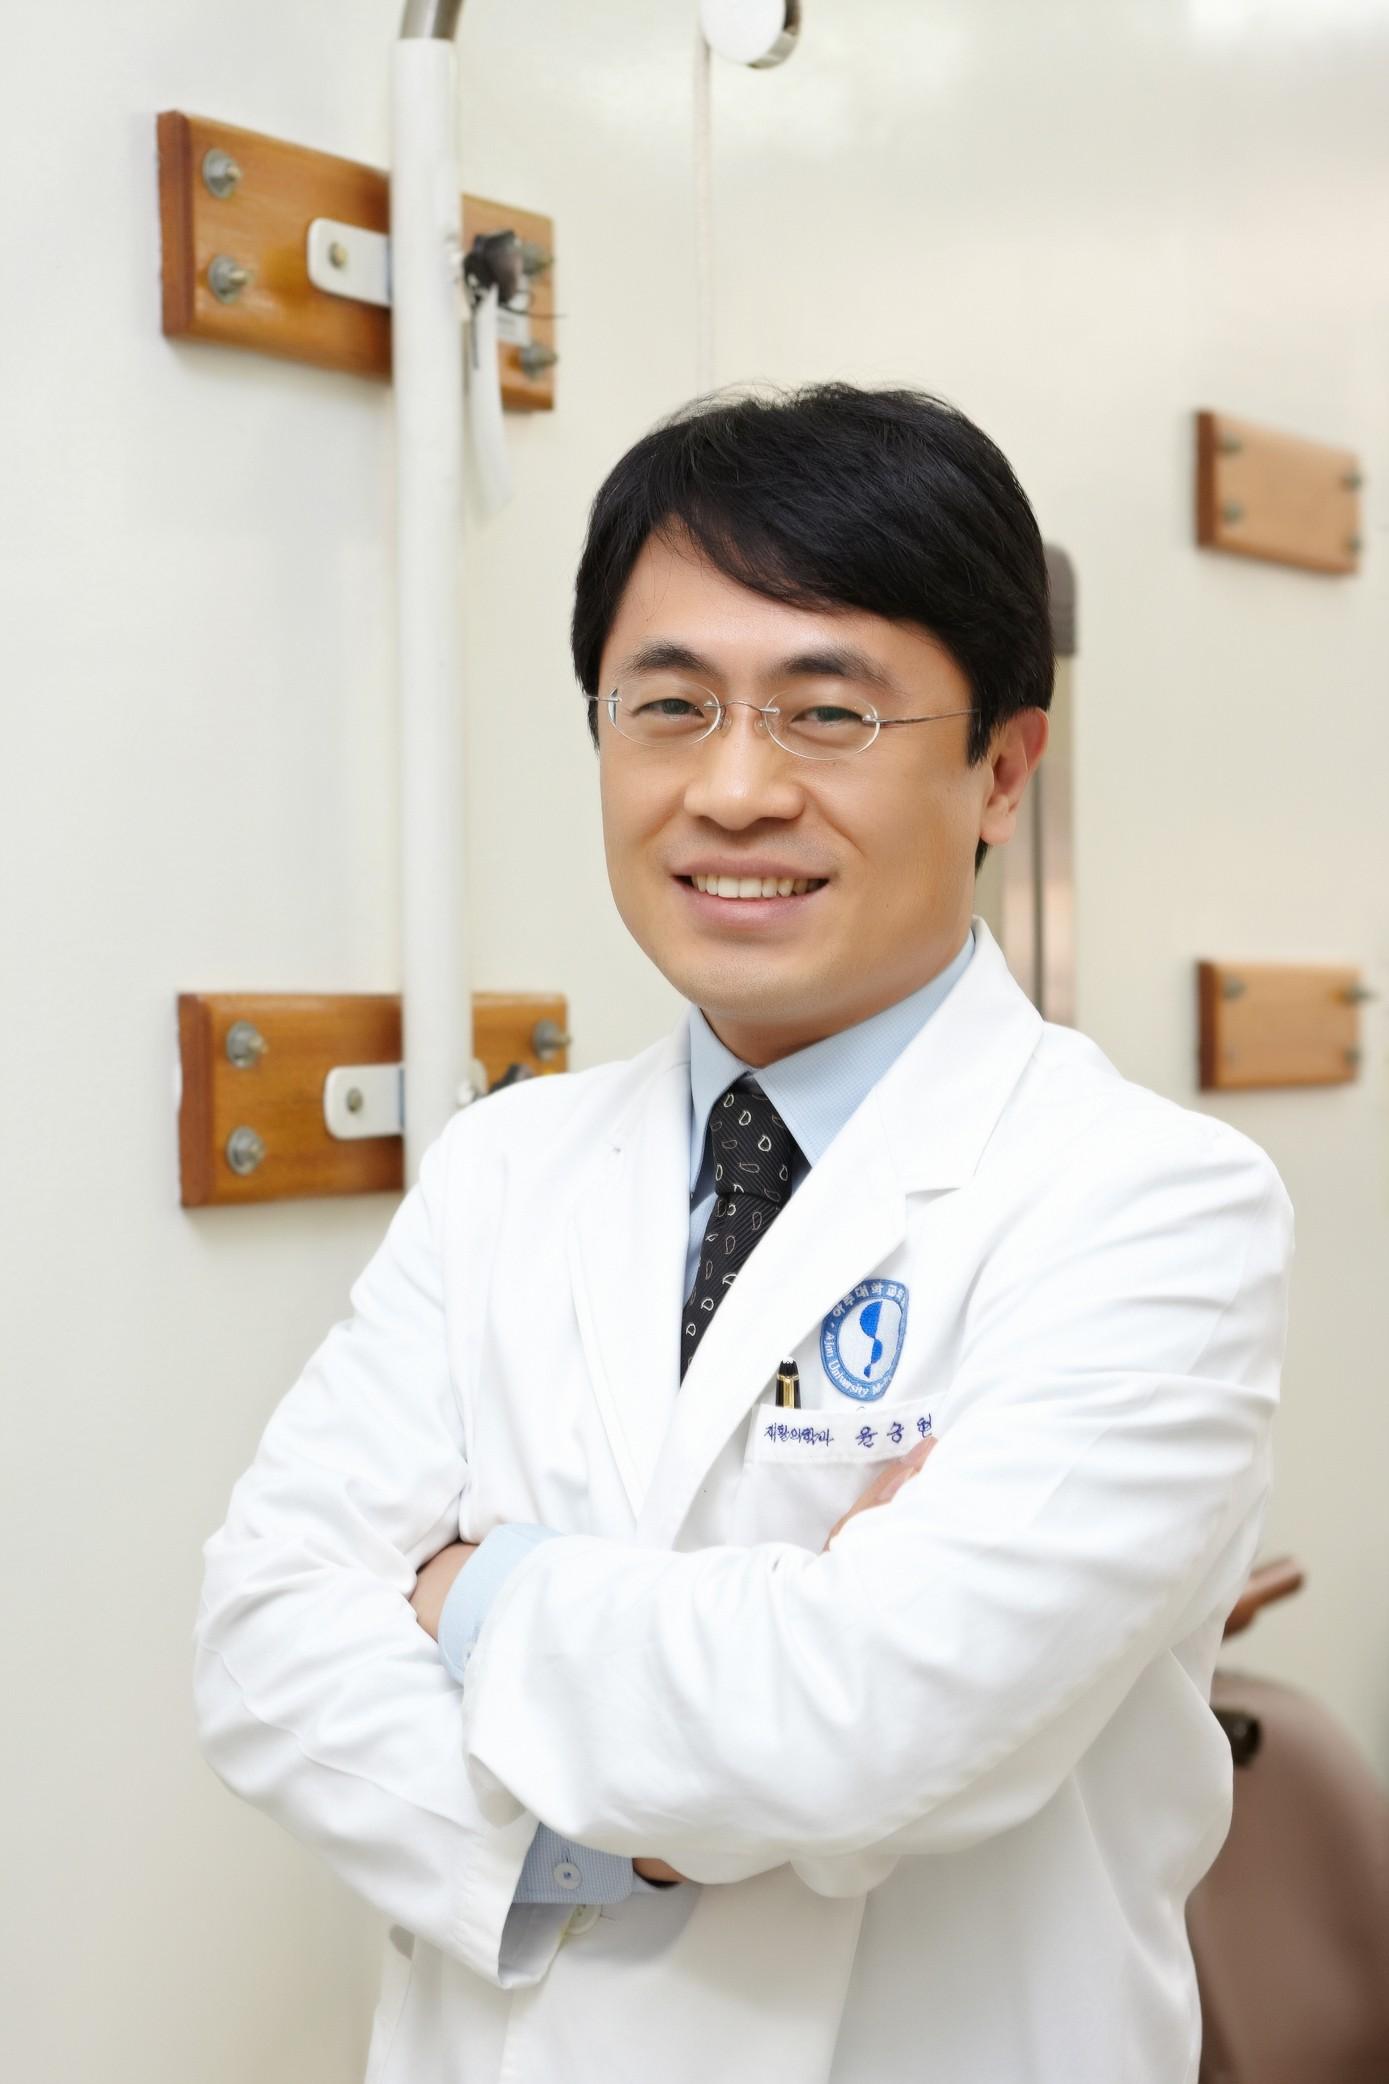 아주대병원 재활의학과 윤승현 교수